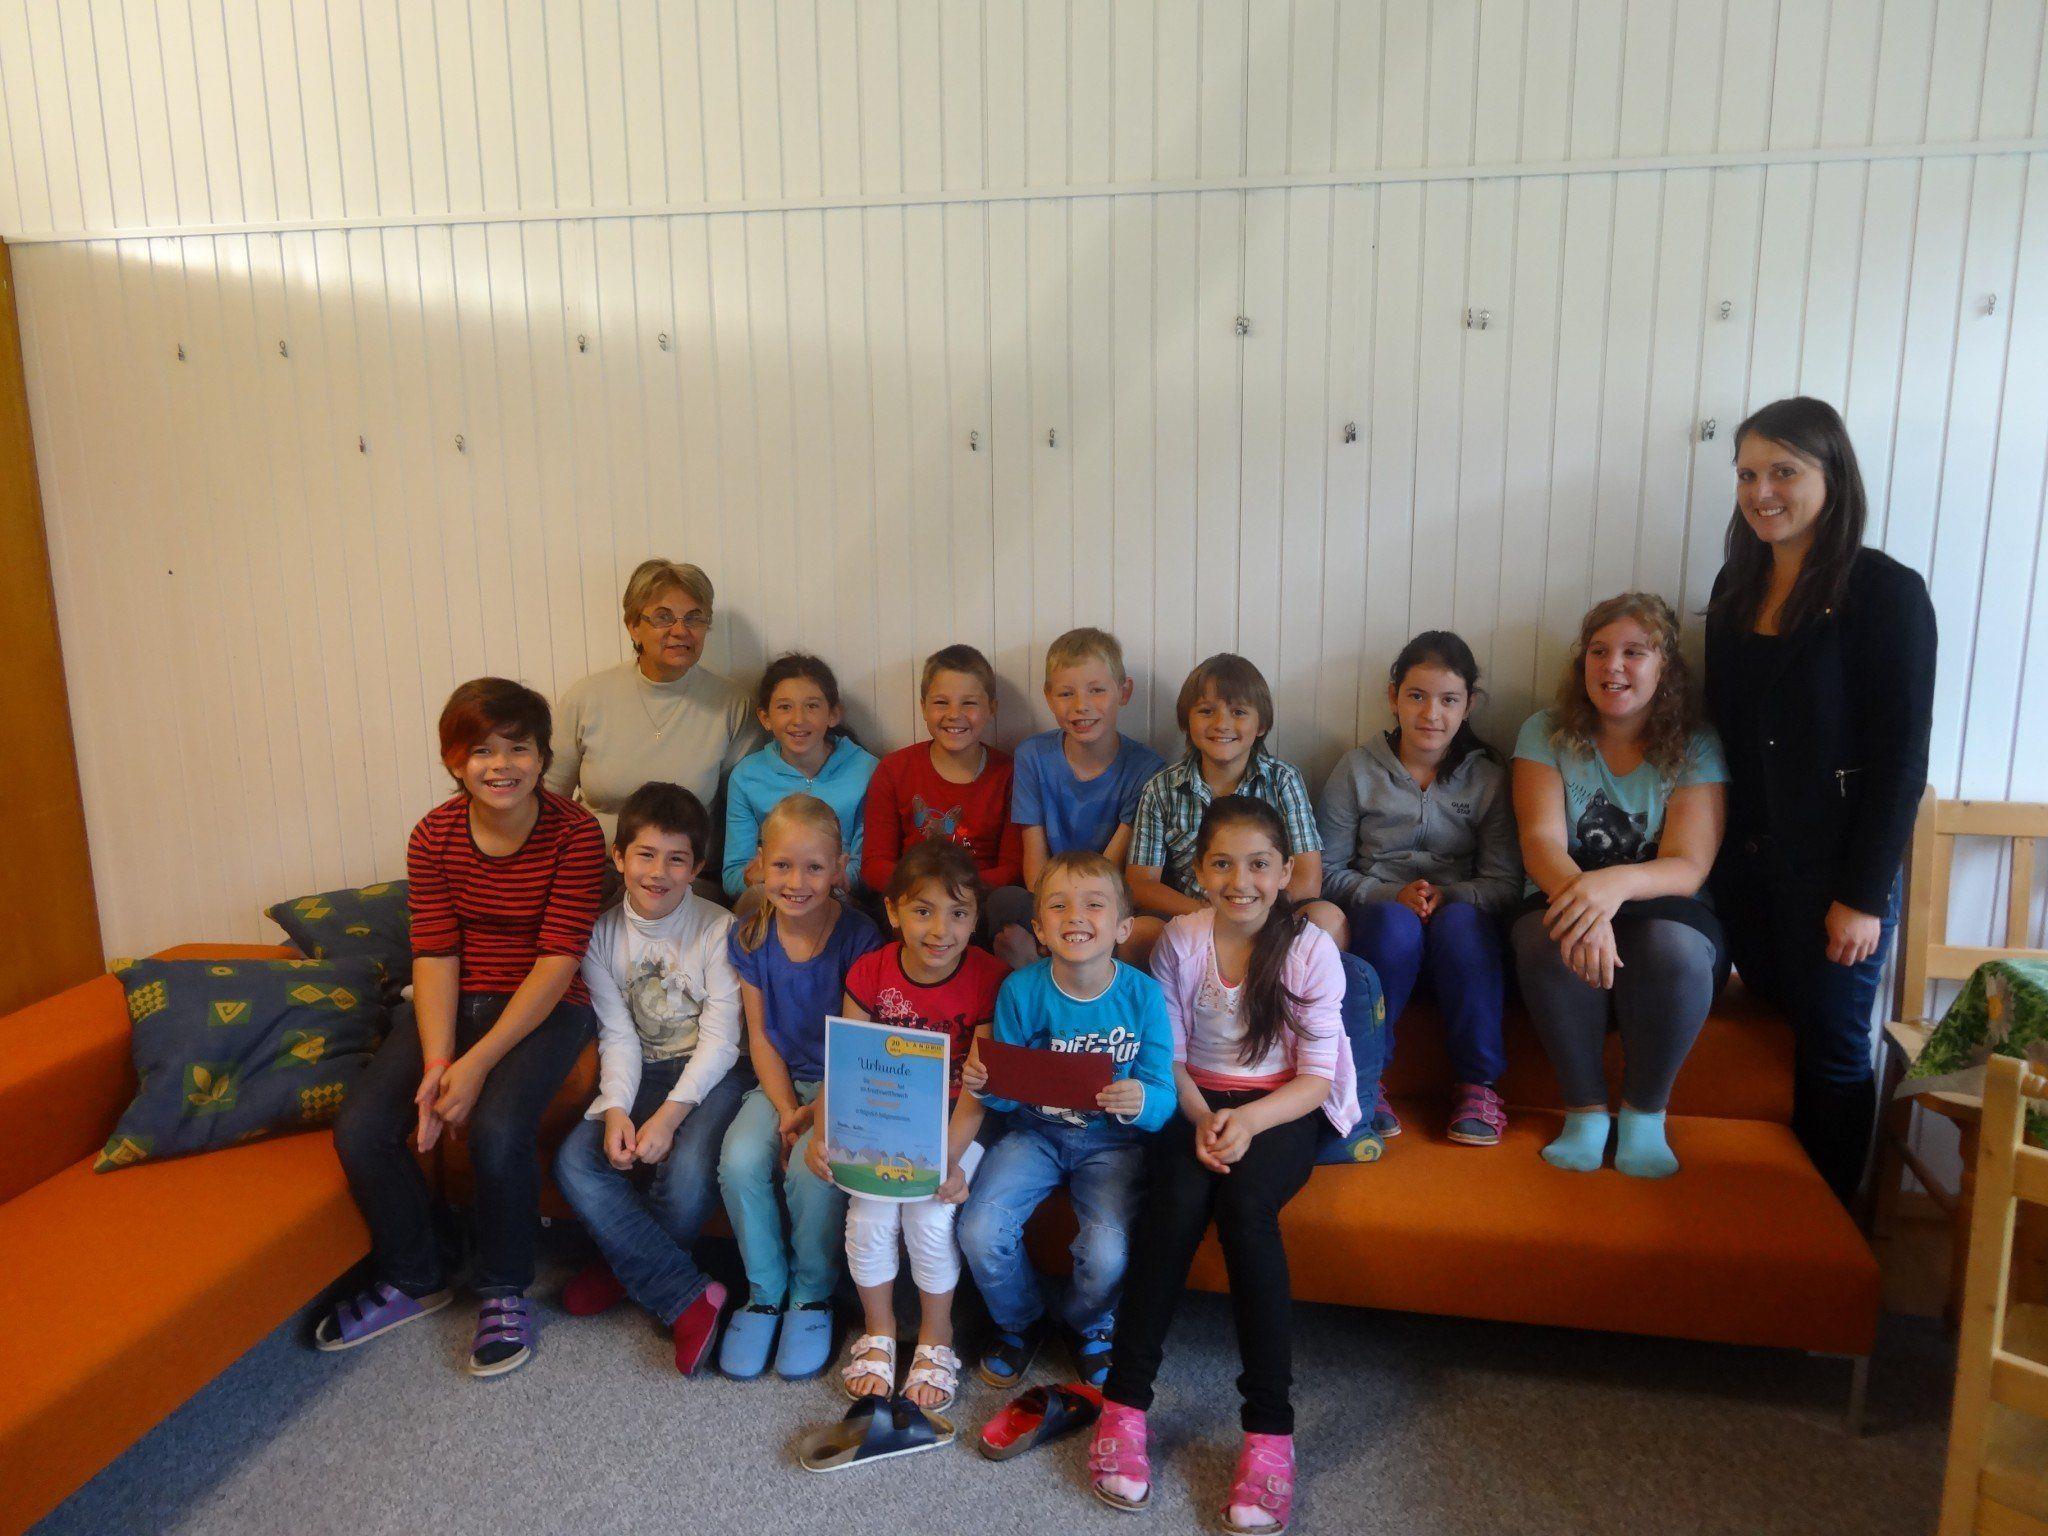 Die Bersbucher Volksschüler überzeugten mit ihrem gelungenen Projekt.